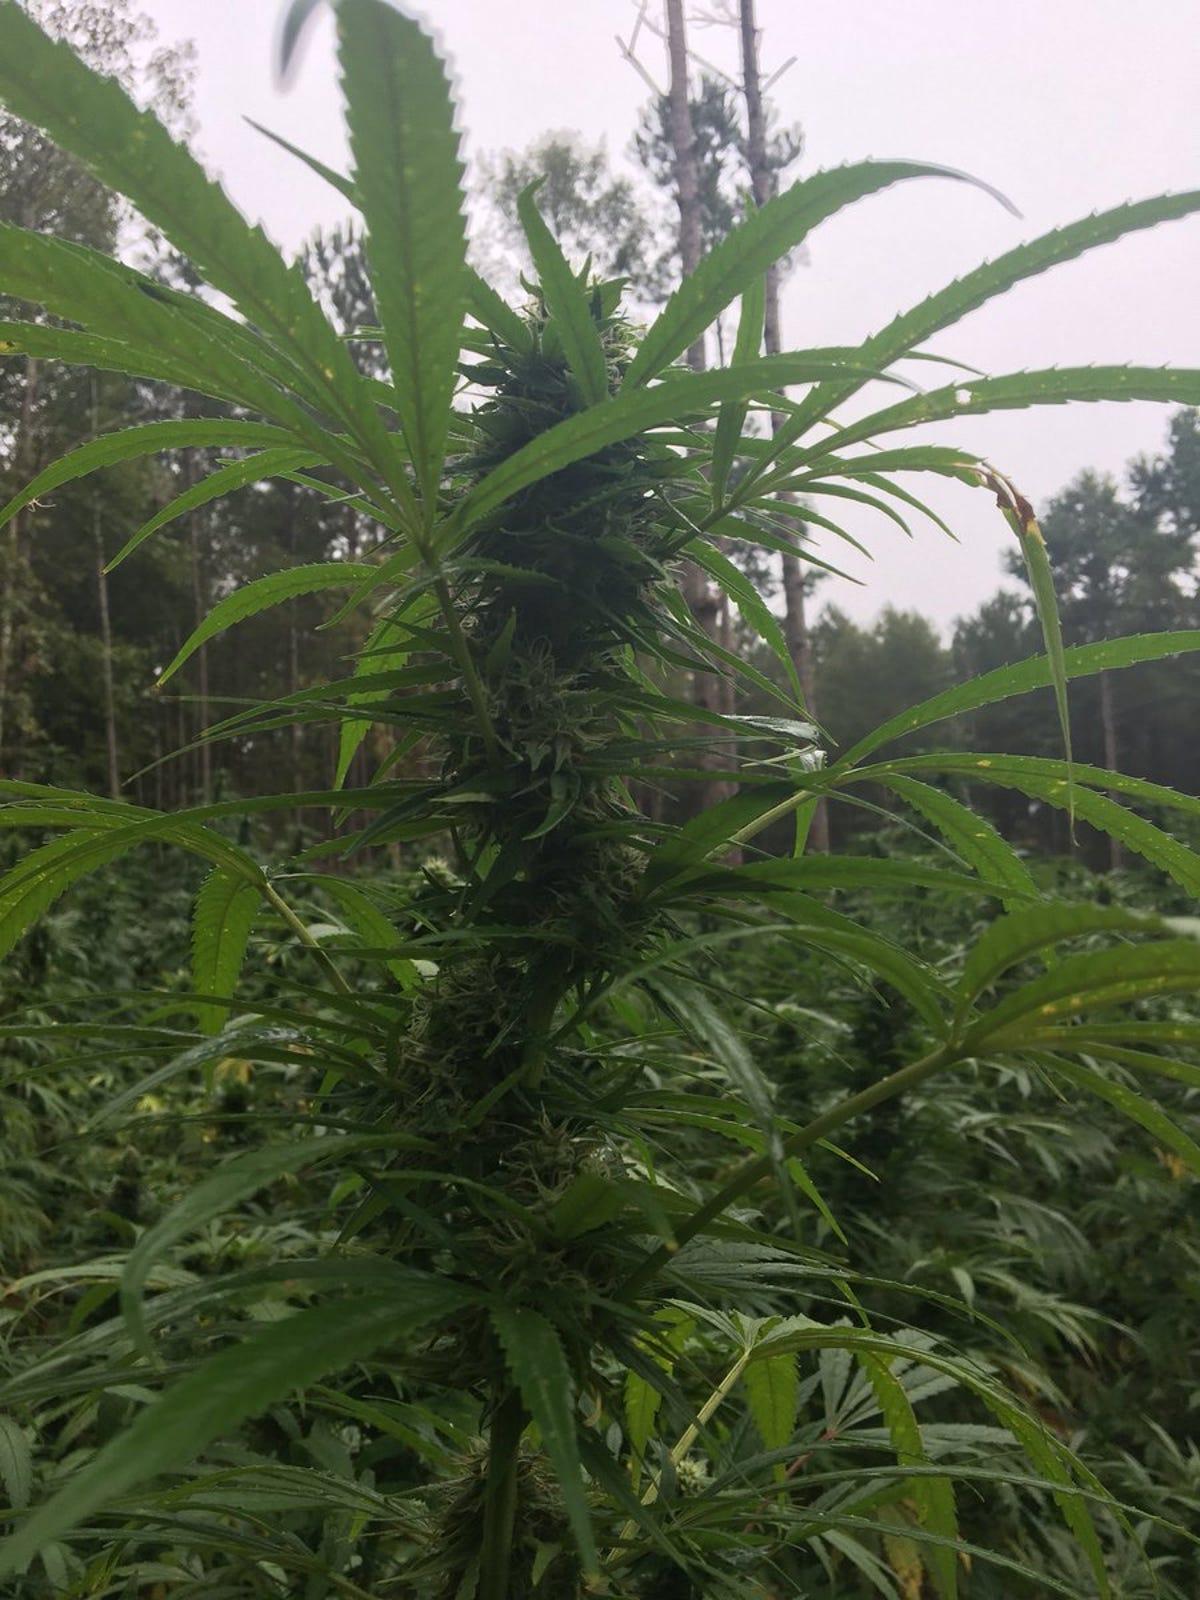 Big pot find: Drug agents make 70M bust in Jeff Davis County